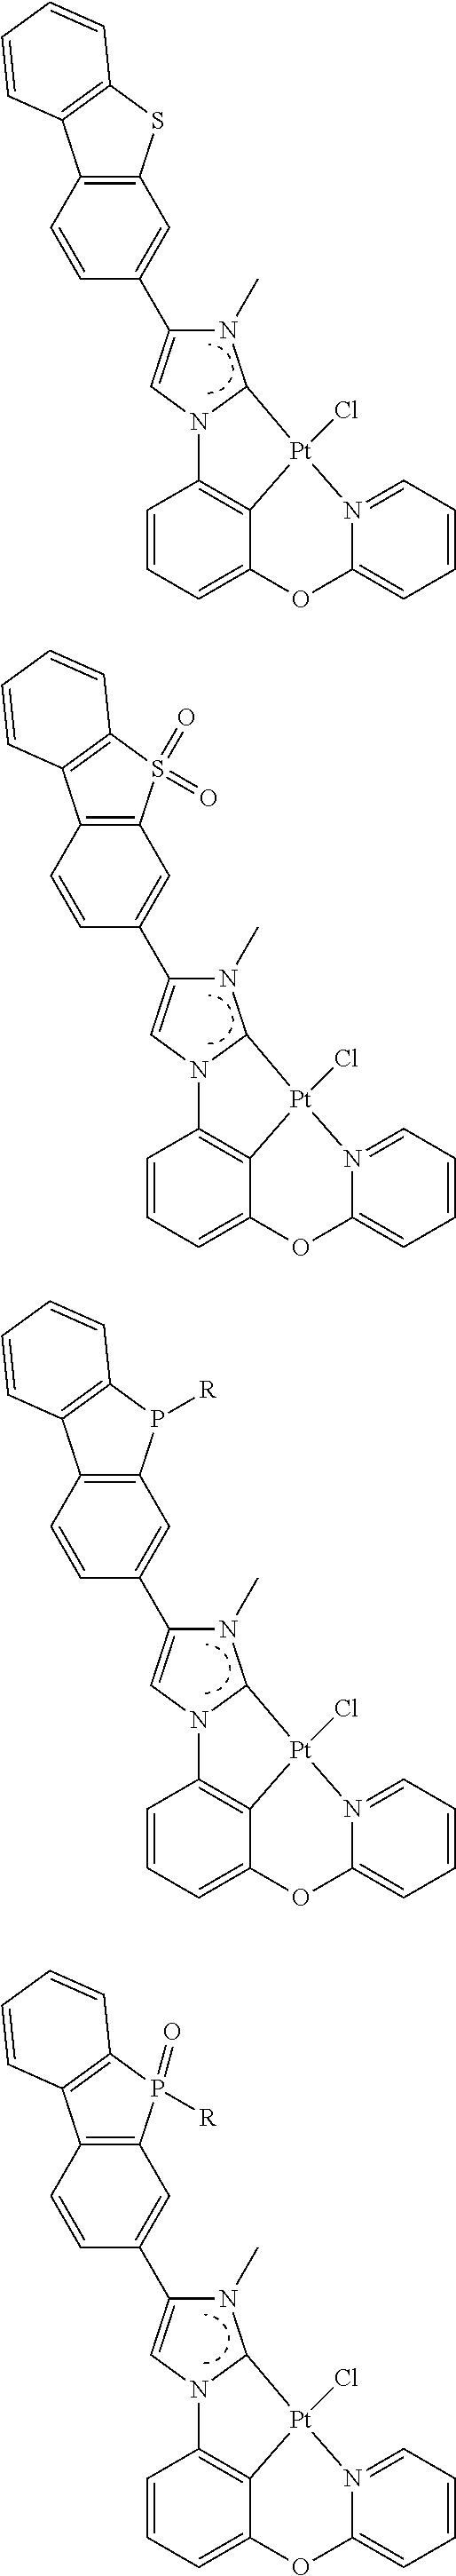 Figure US09818959-20171114-C00516